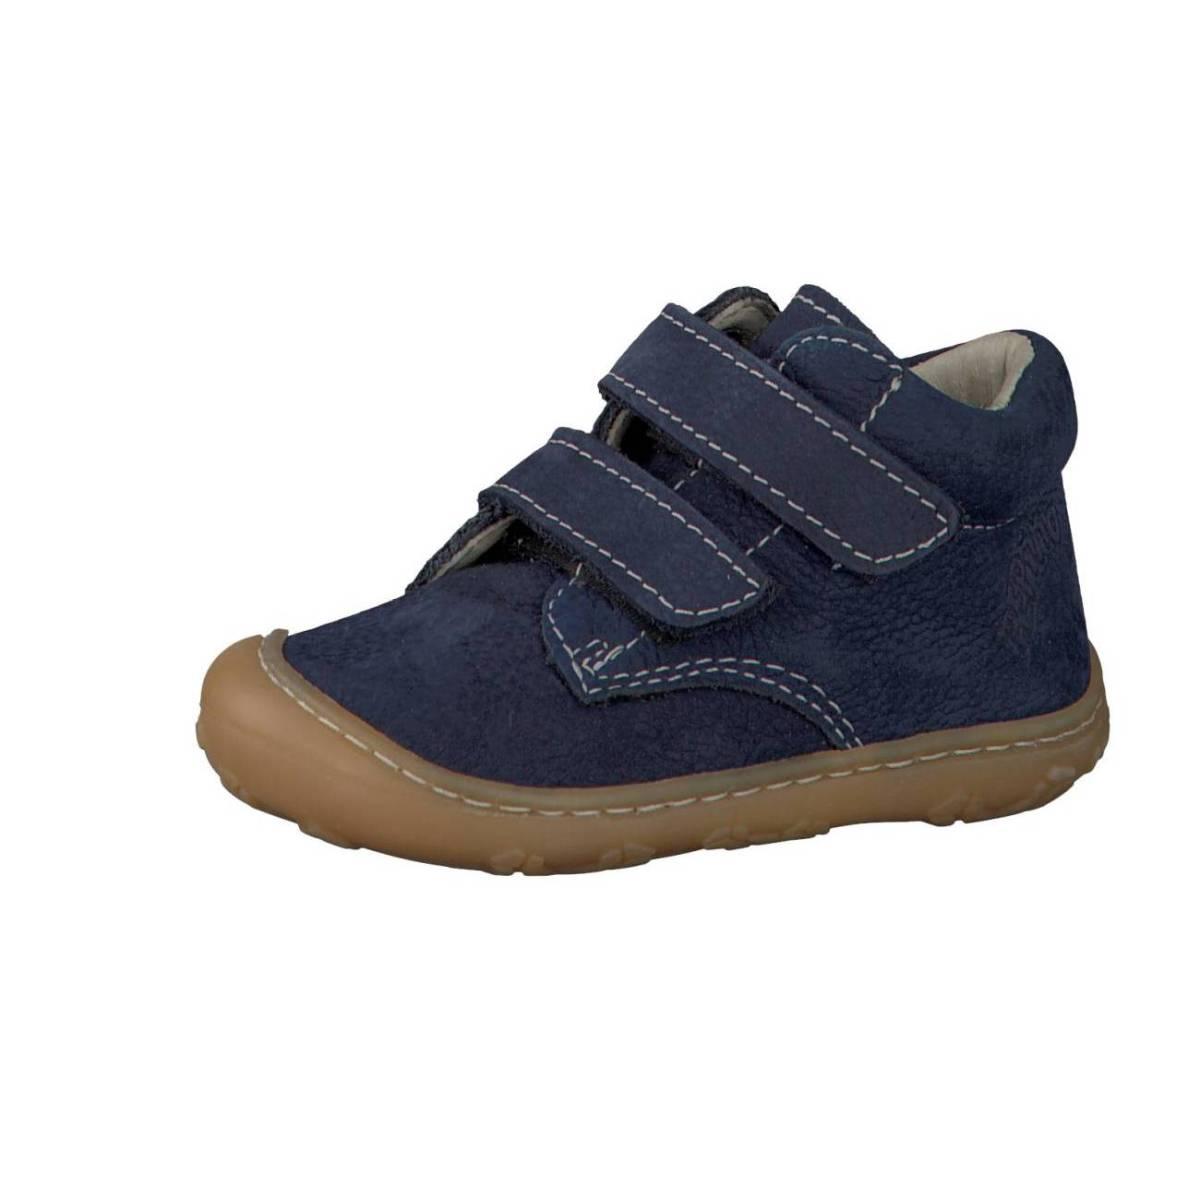 Ricosta Pepino Chrisy dunkelblau see Lauflernschuhe Stiefelchen Jungen Mädchen